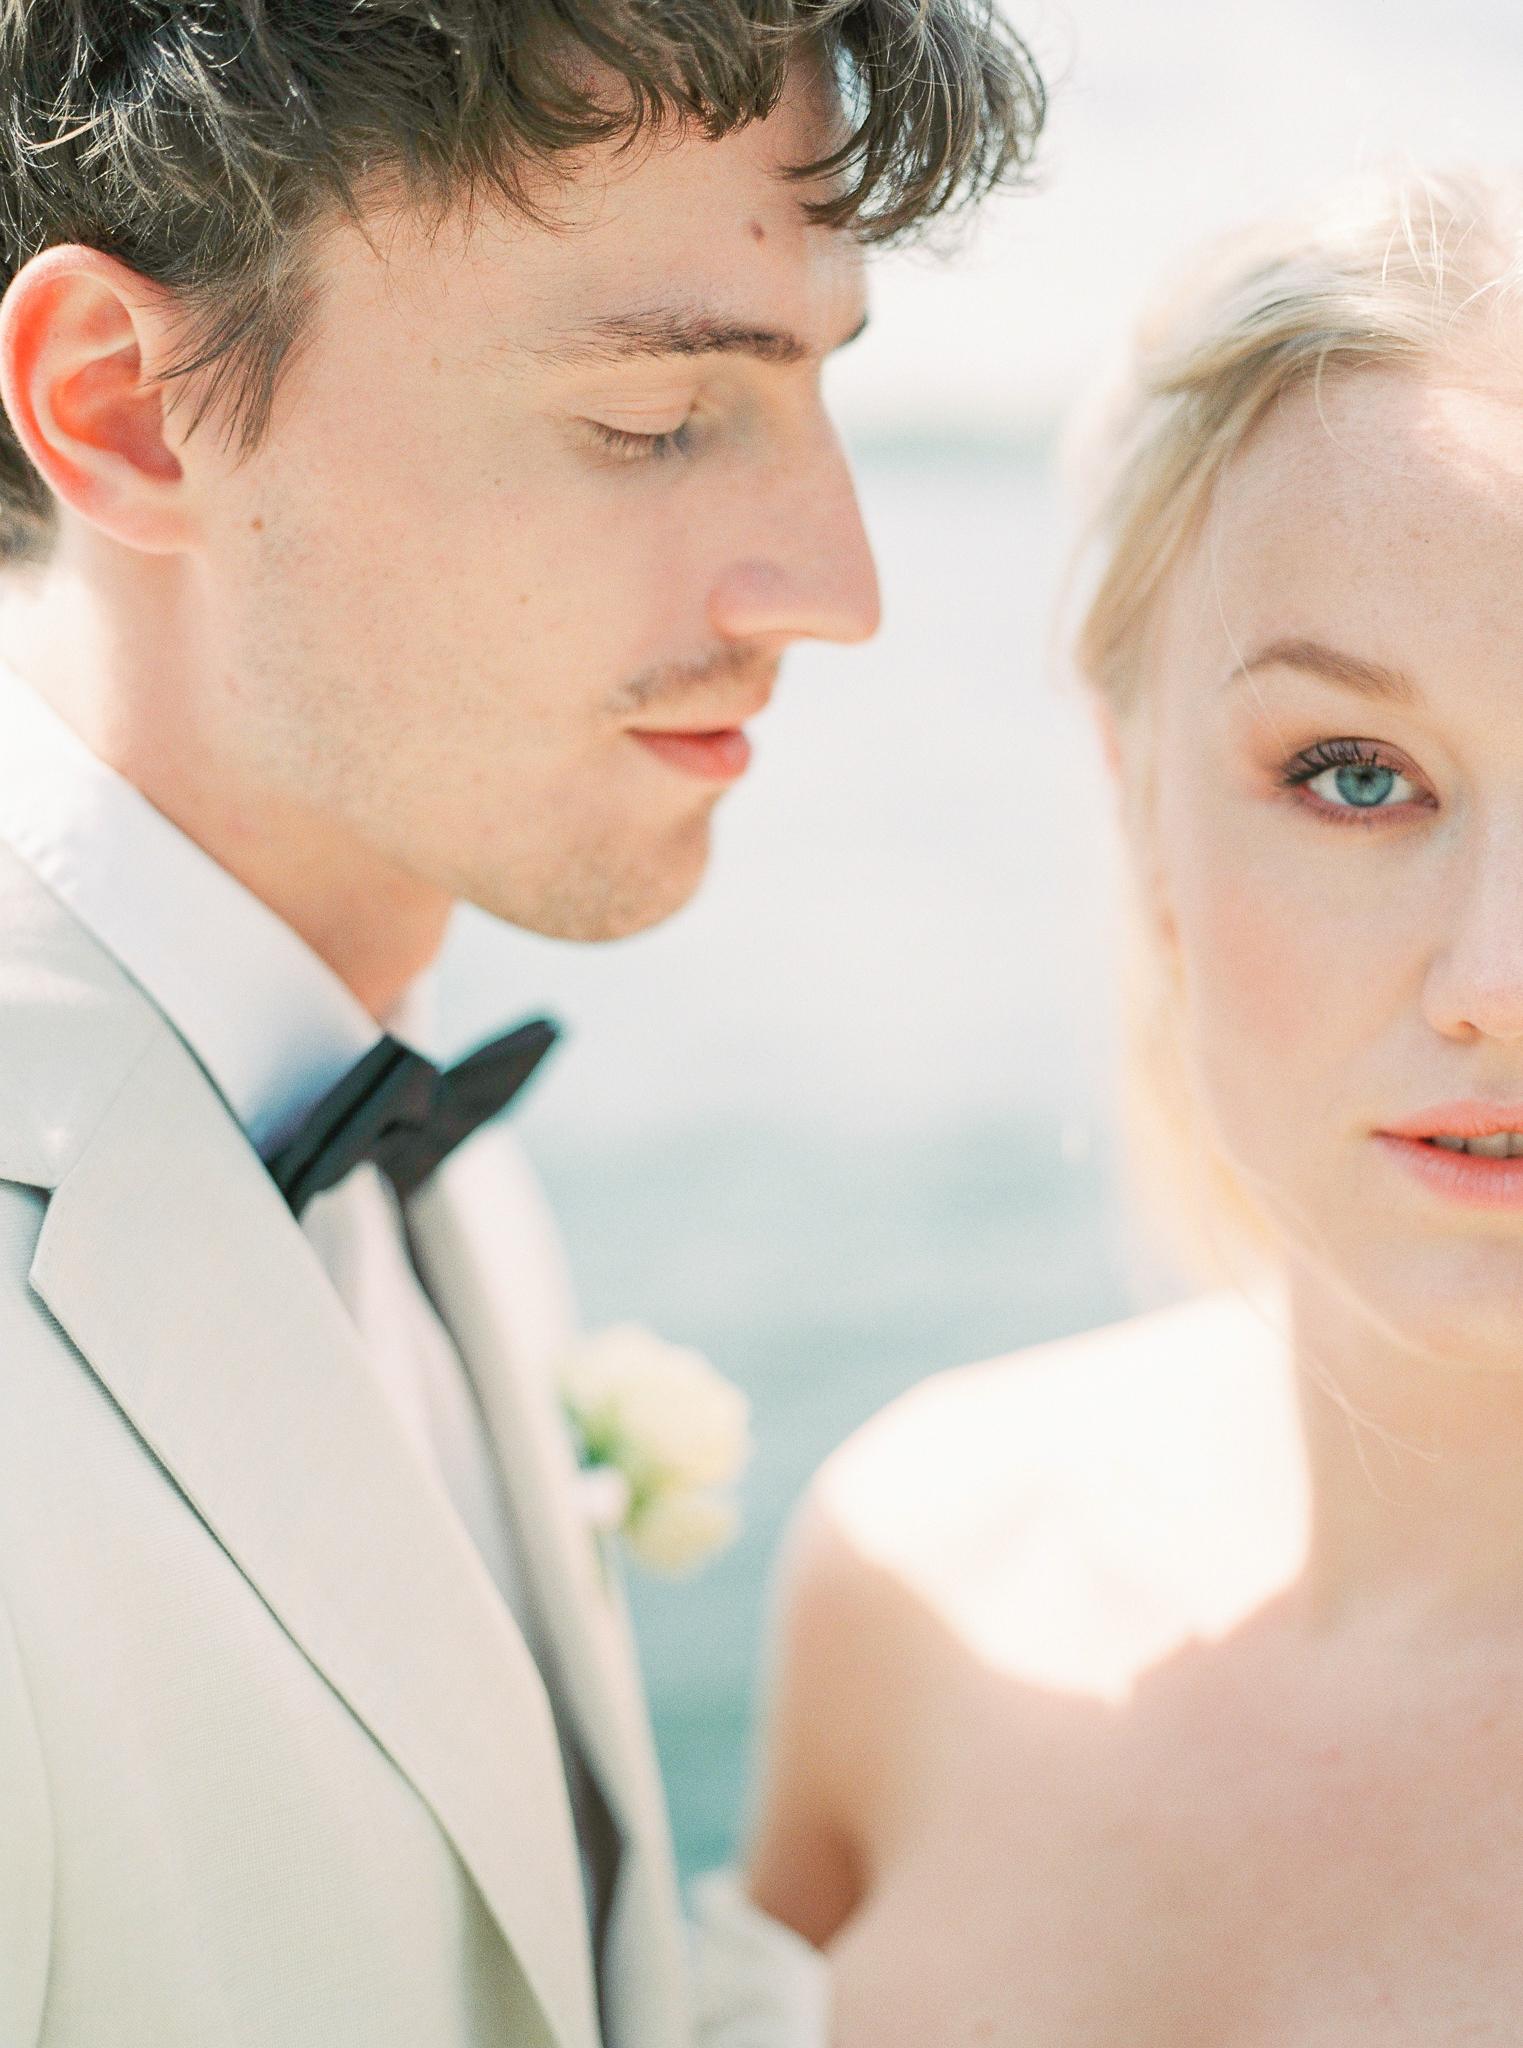 Wedding photographer Stockholm Sweden